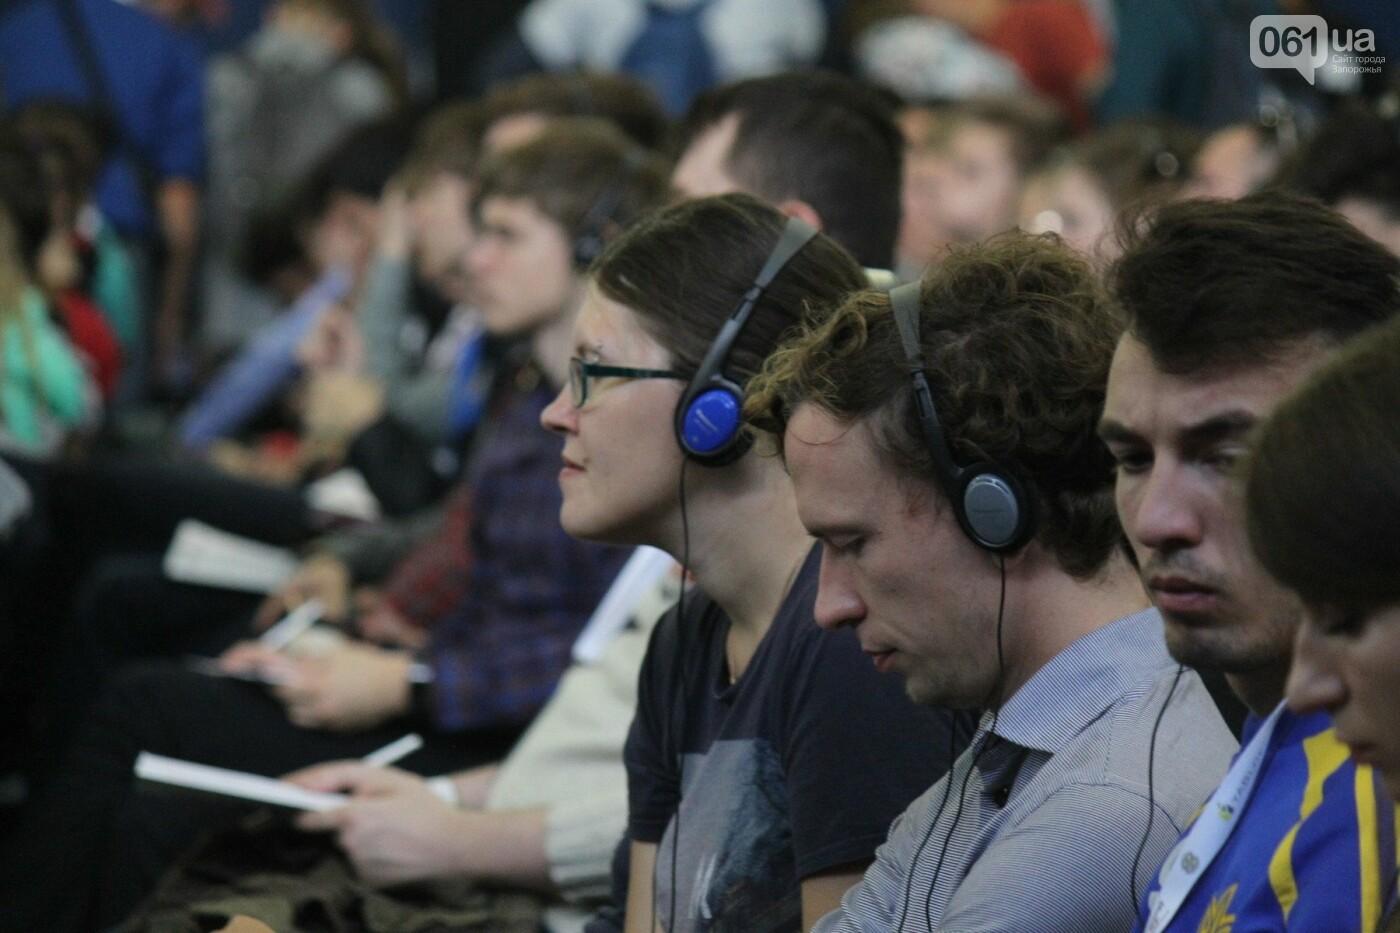 Роботы, киберспорт и спикеры-иностранцы: в Запорожье начался International IT Forum, – ФОТОРЕПОРТАЖ, фото-15